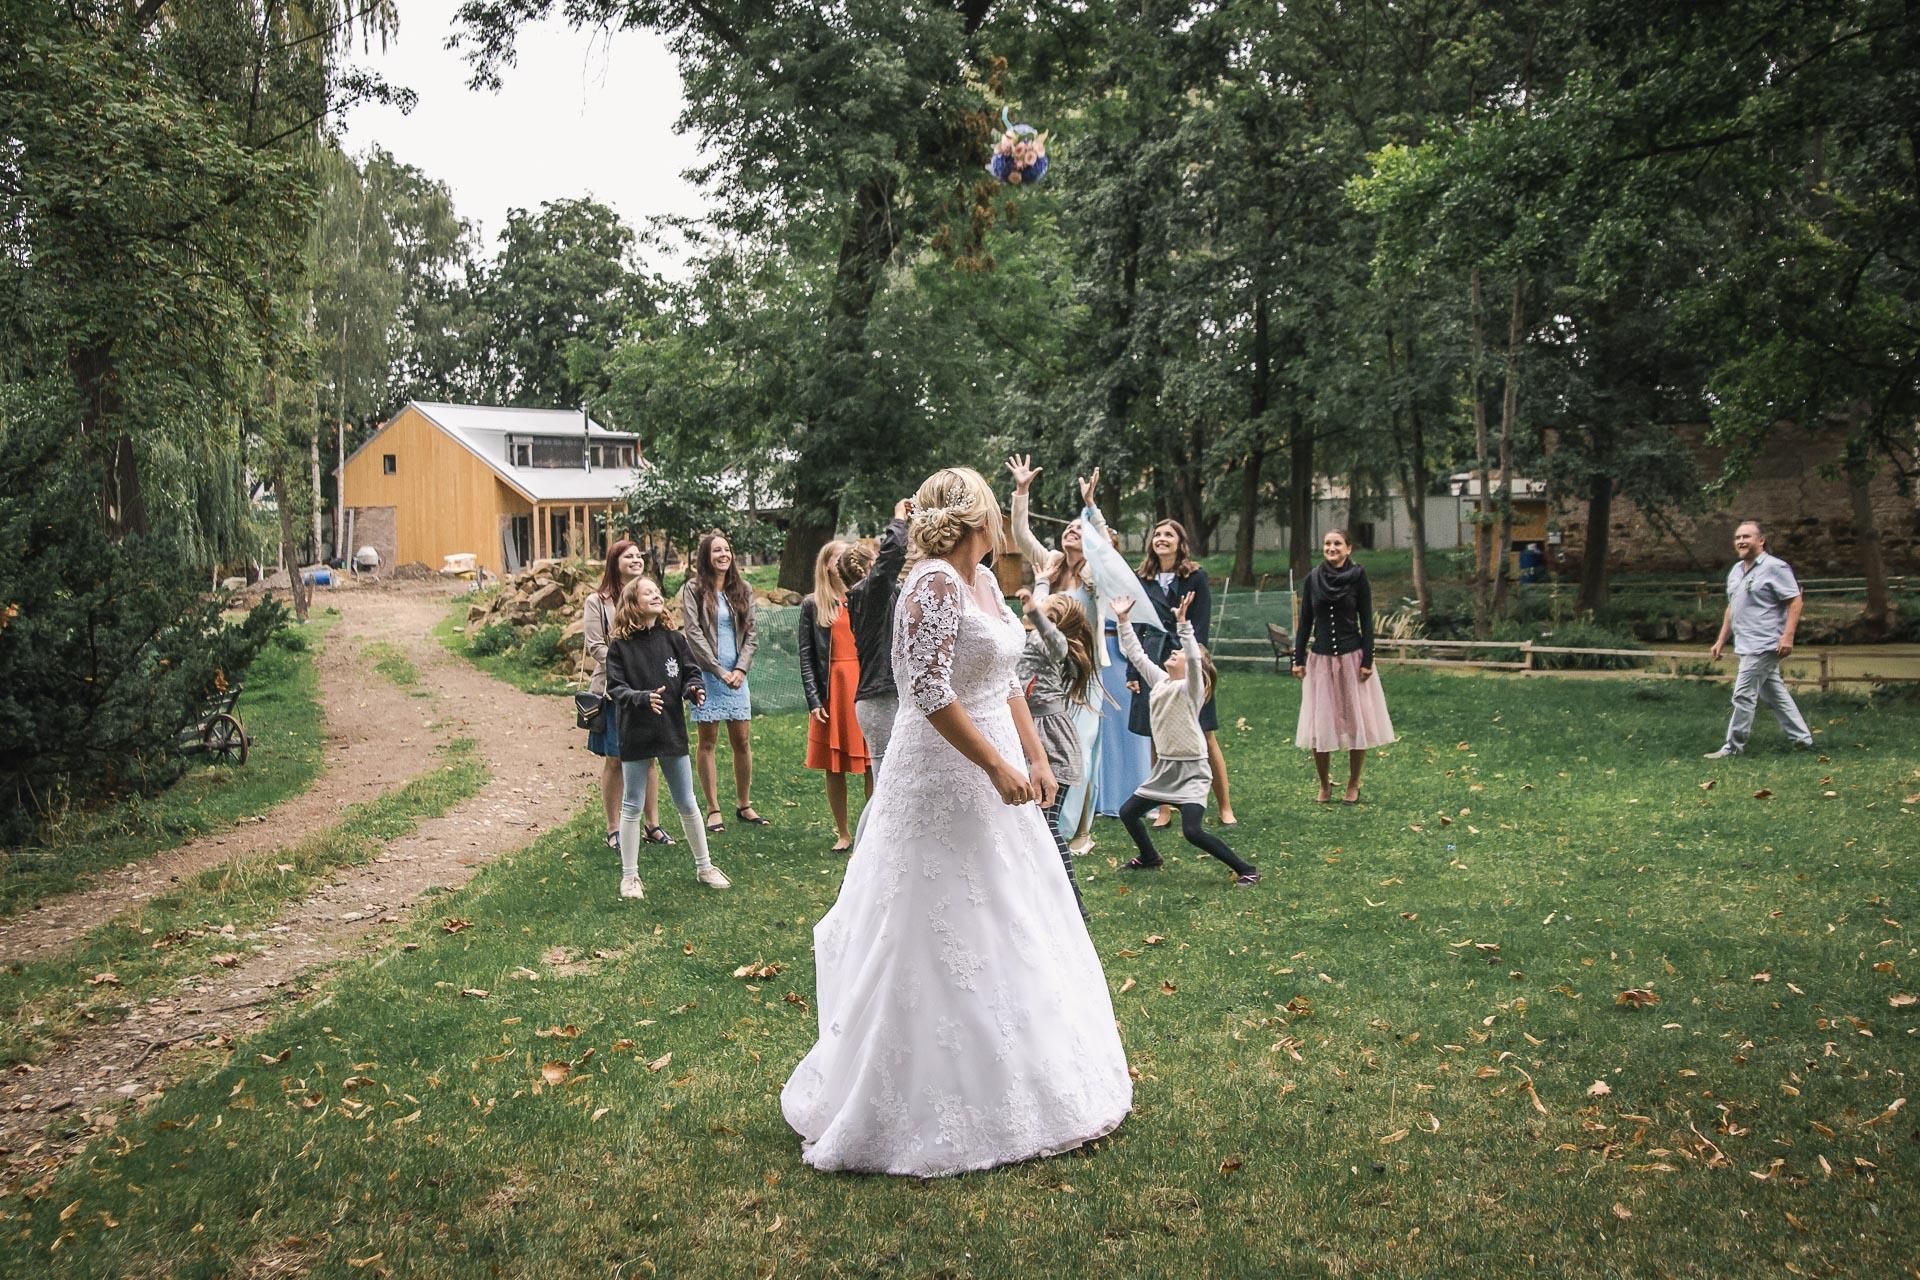 Svatební-fotograf-zámecký-park-Měšice-Svatba-Měšice-u-Prahy-8047